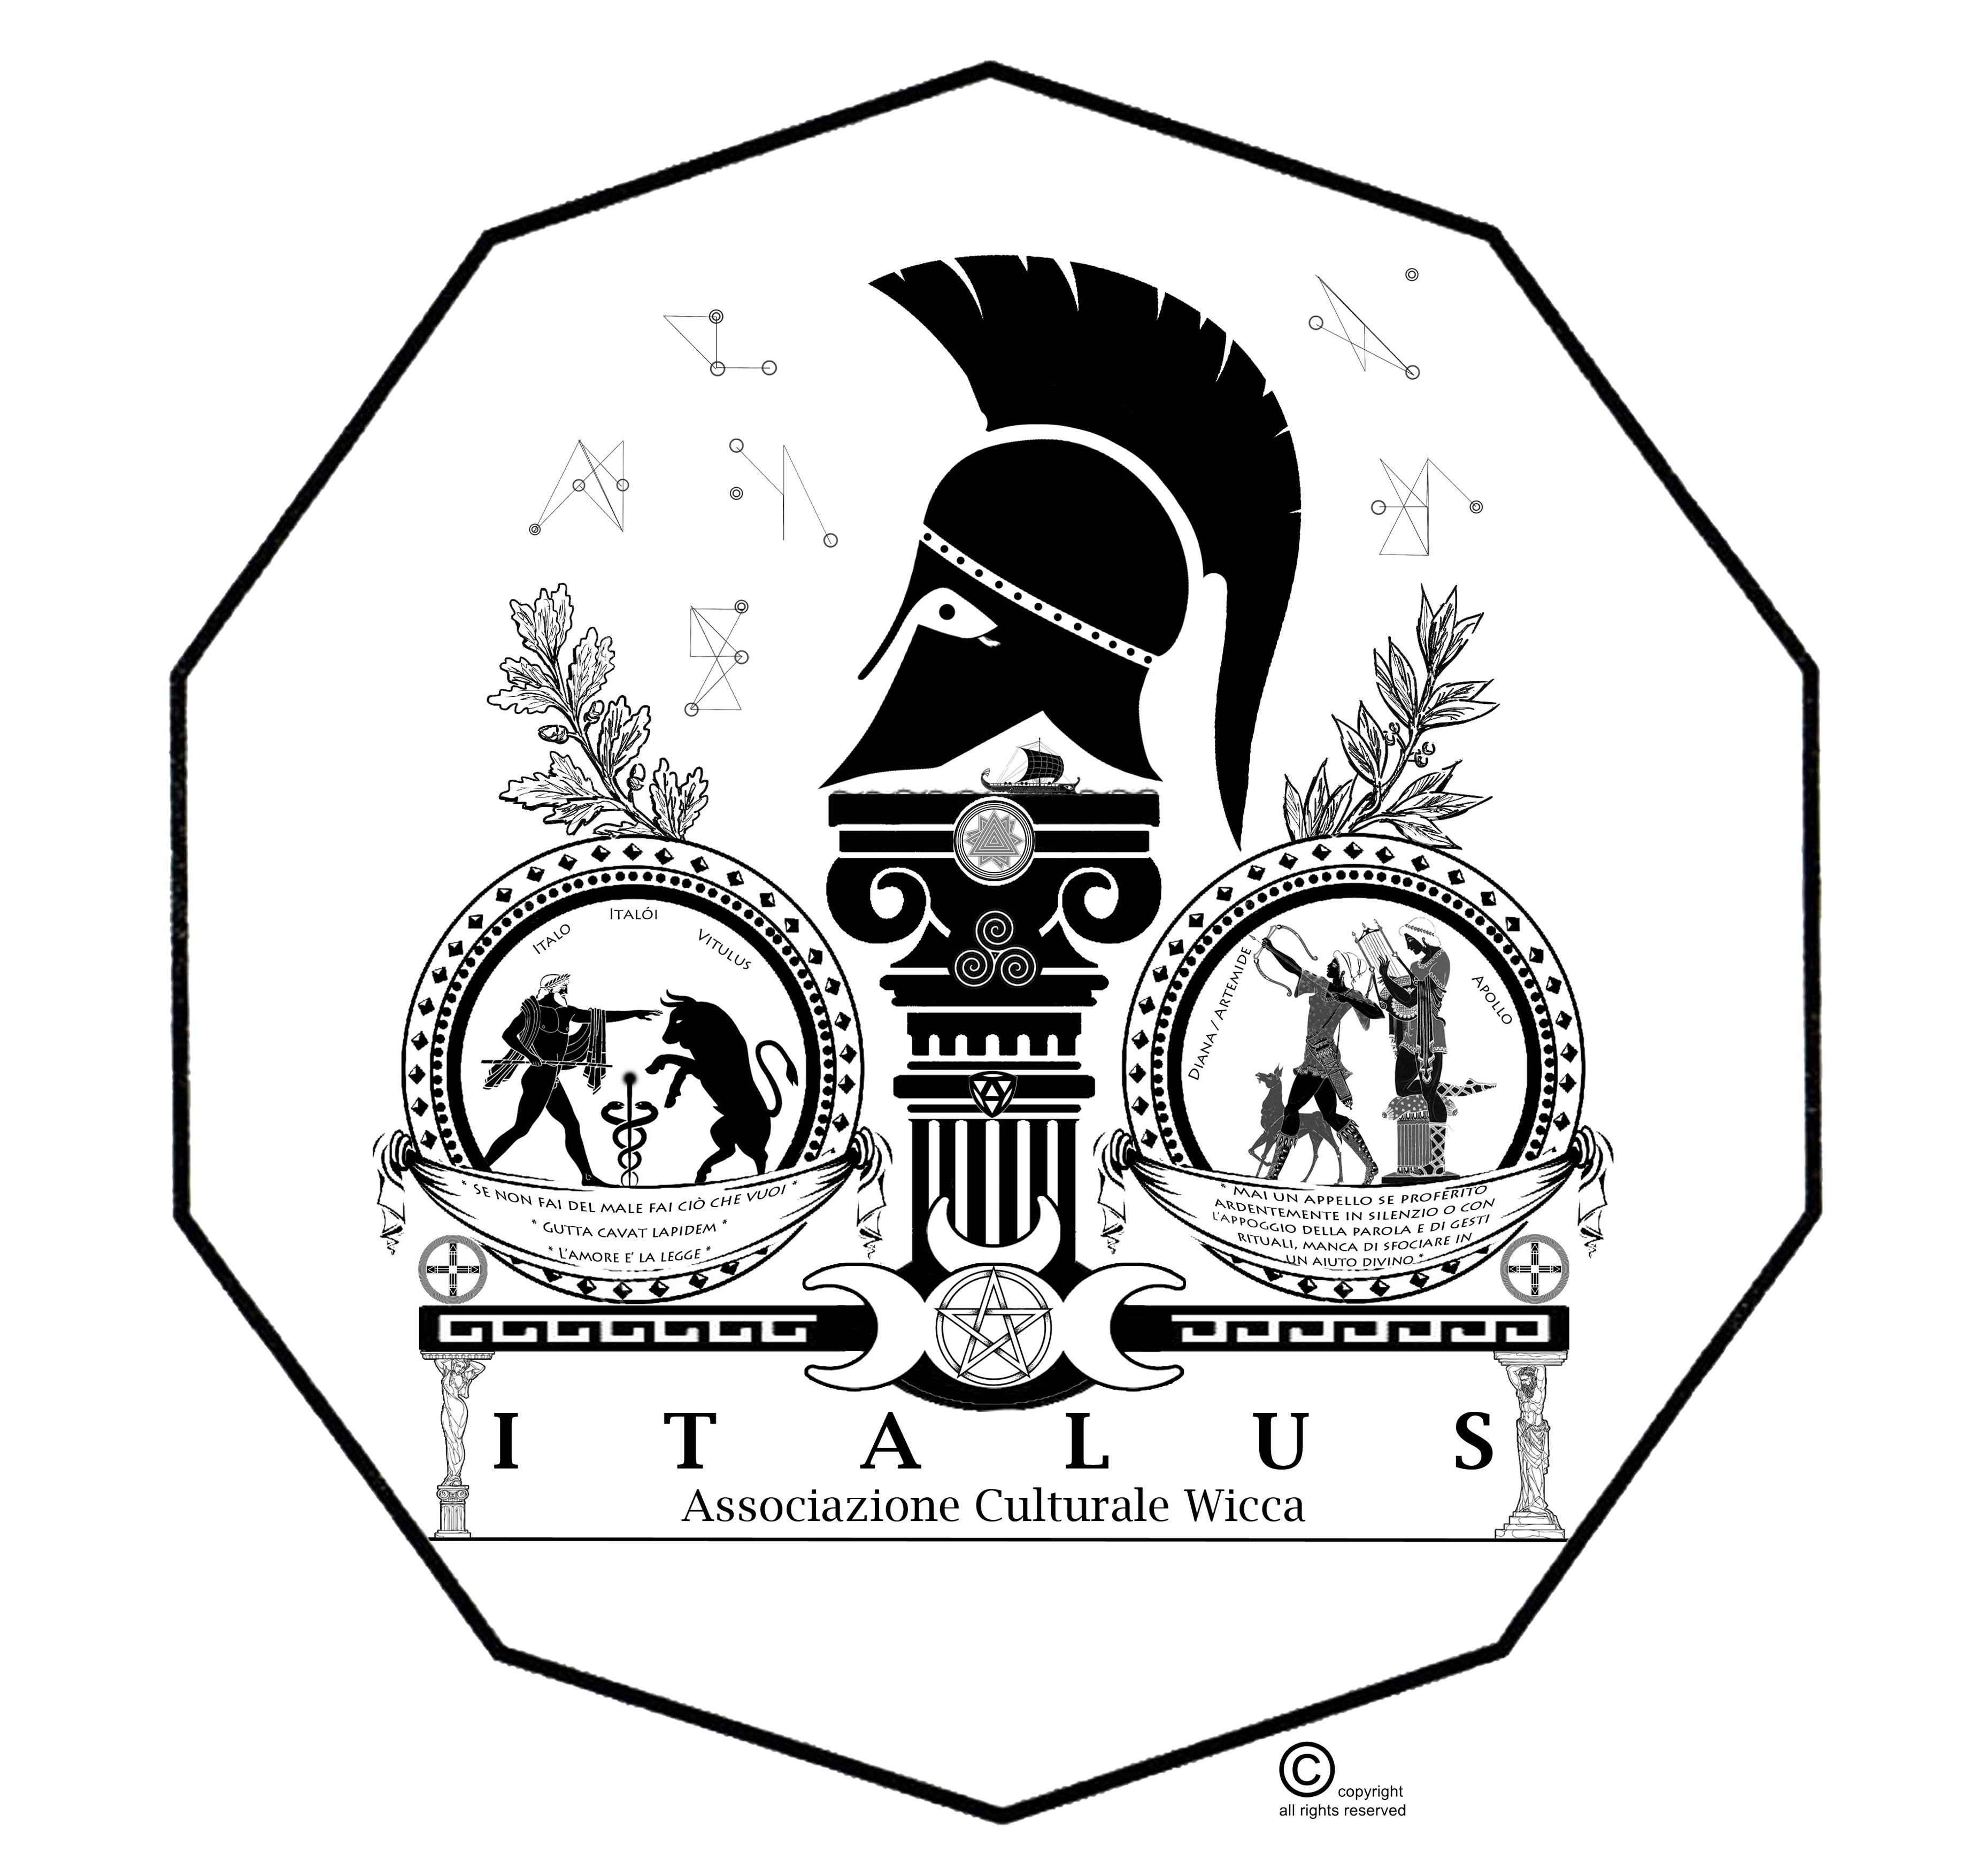 ITALUS Associazione Culturale Wicca